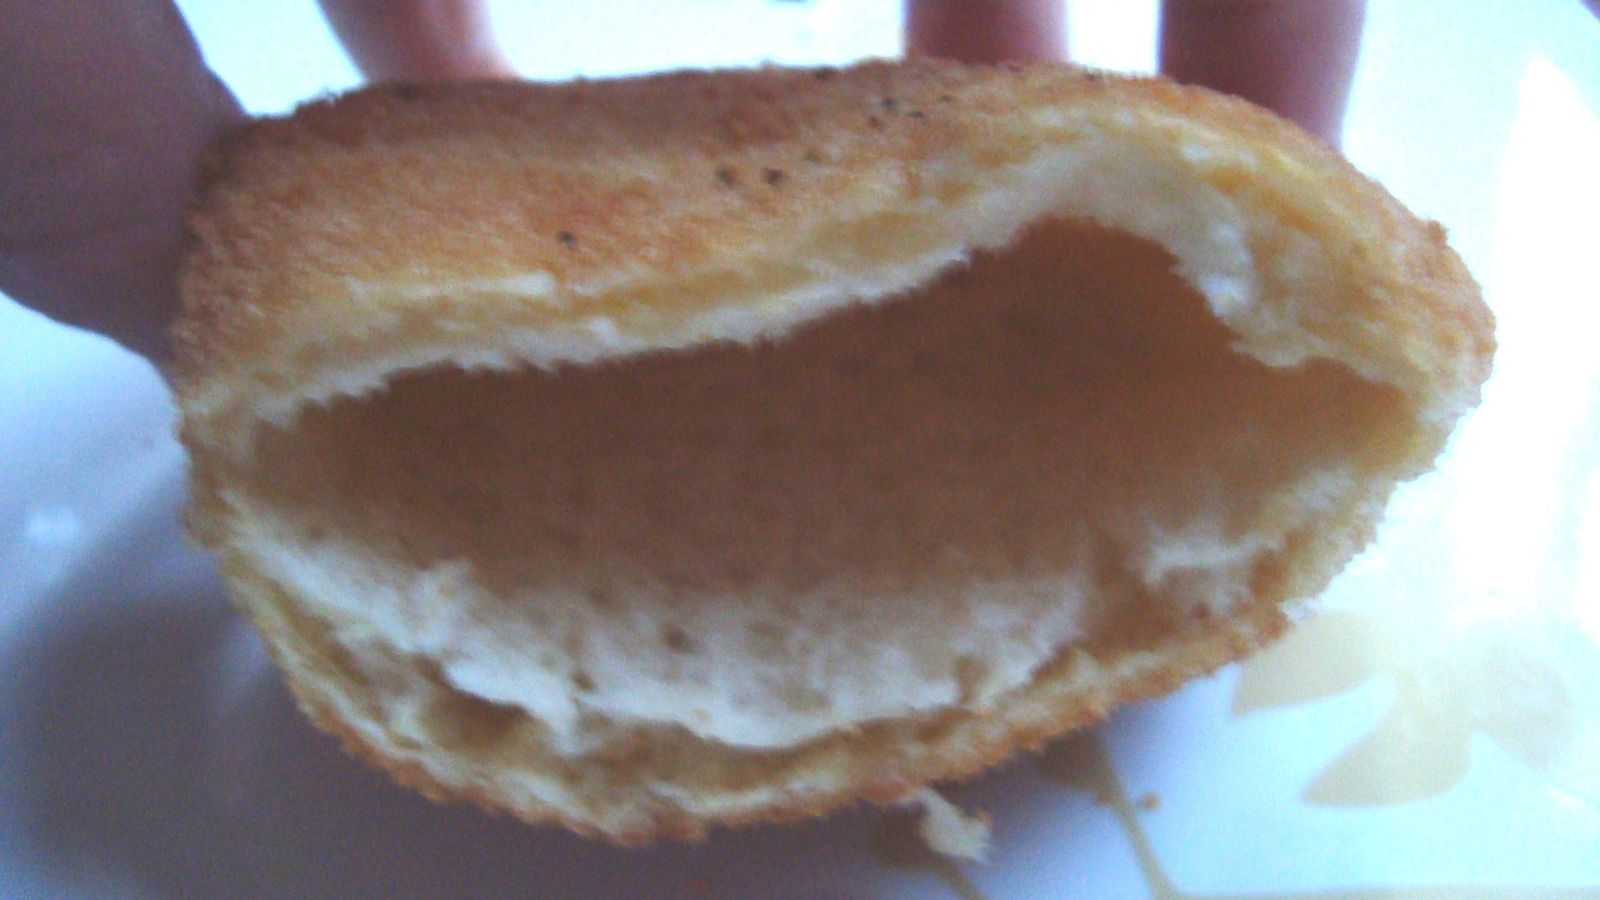 Retrouver toute la richesse de la cuisine - Recette sandwich pain de mie ...